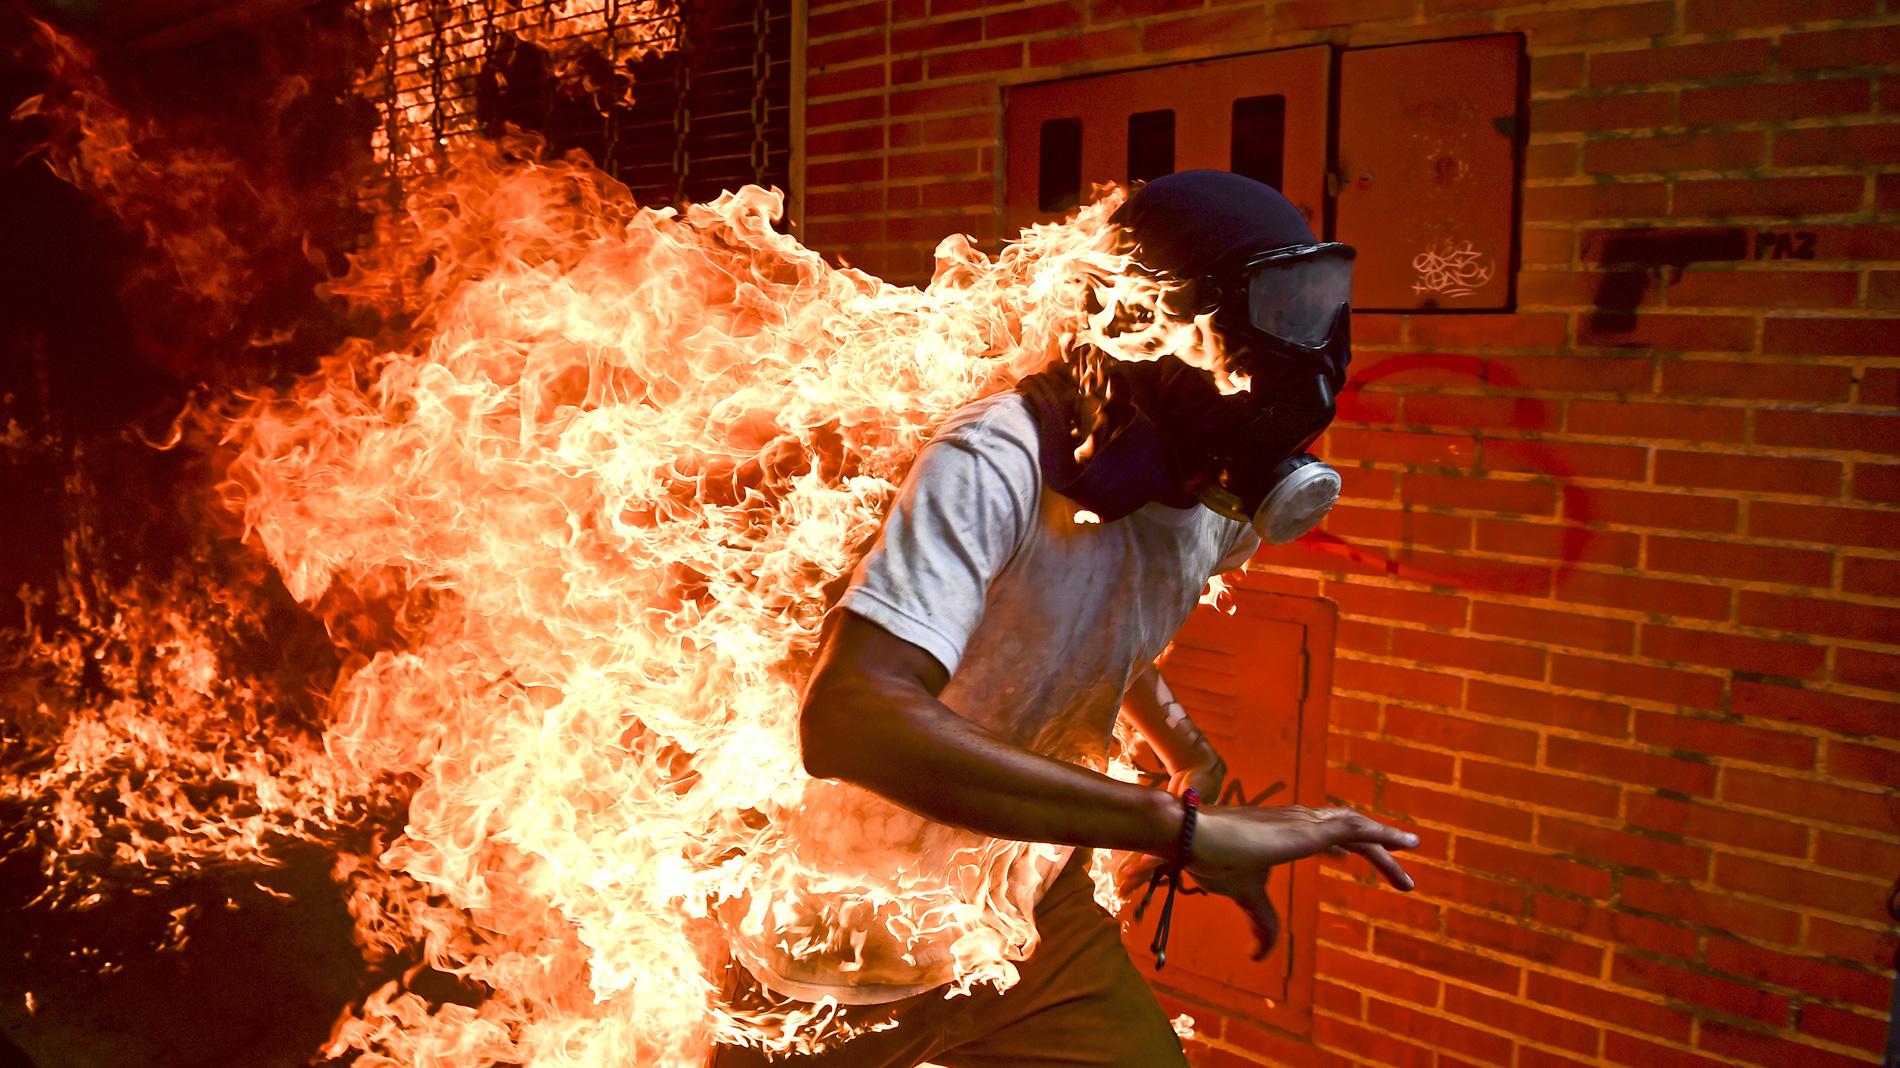 El venezolano Ronaldo Schemidt recibe el World Press Photo por una imagen de unos disturbios en Caracas